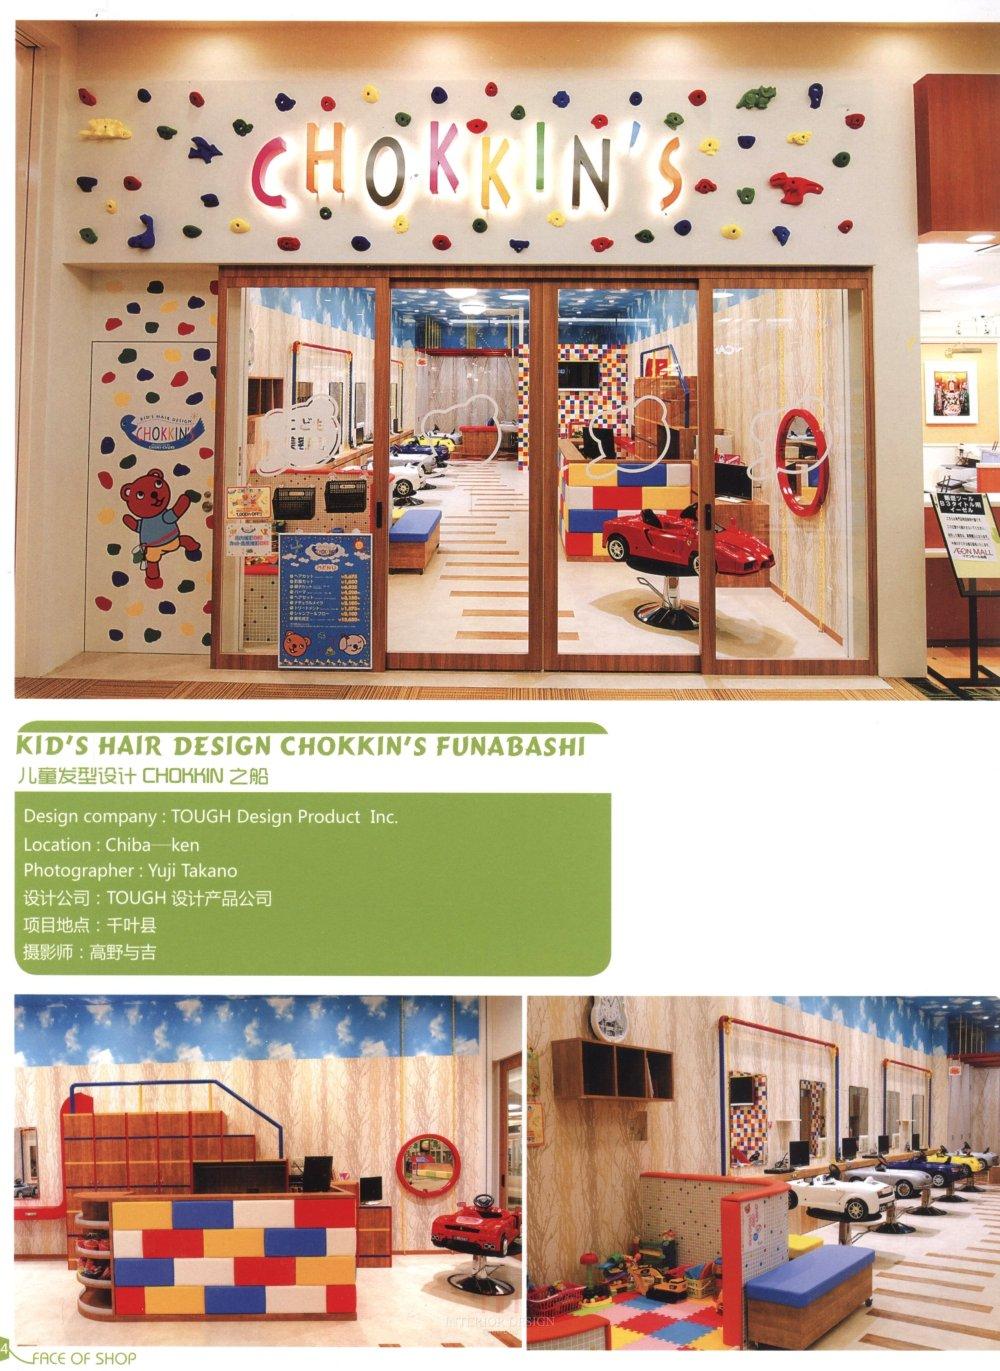 商业店铺、门头设计_kebi 0257.jpg